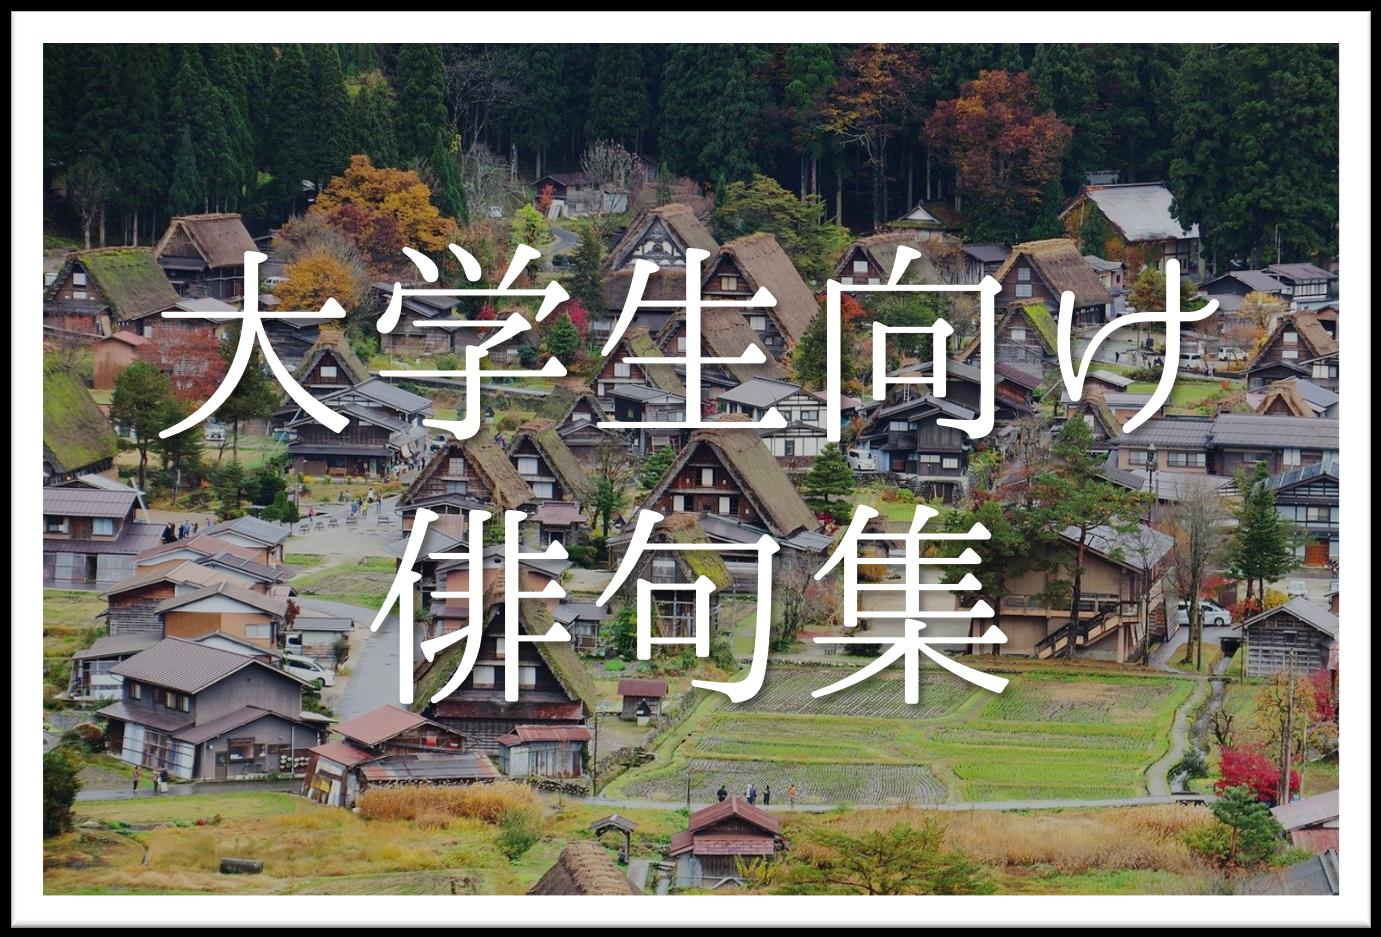 【大学生向け俳句 20選】春・夏・秋・冬!!季語を含むおすすめ有名&素人俳句を紹介!